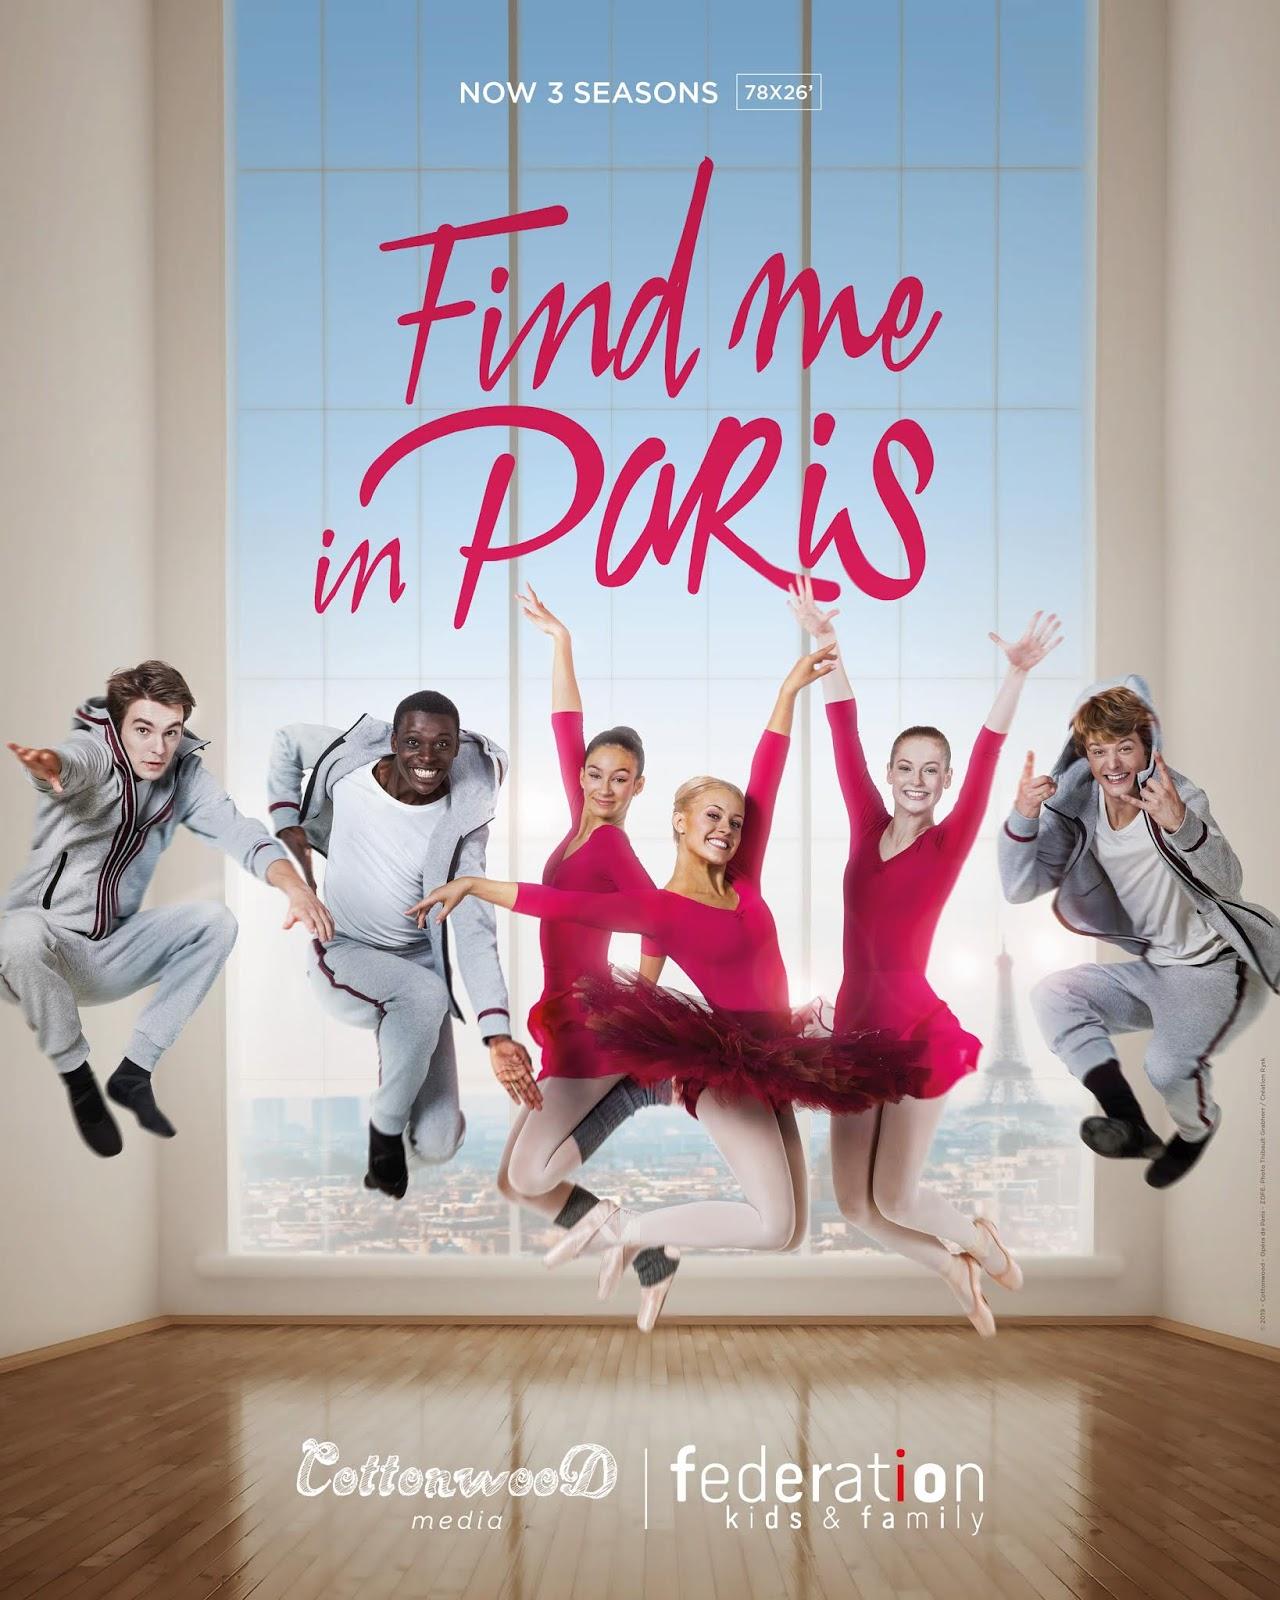 Nickelodeon Paris : nickelodeon, paris, NickALive!:, Nickelodeon, Premieres, 'Find, Paris', Season